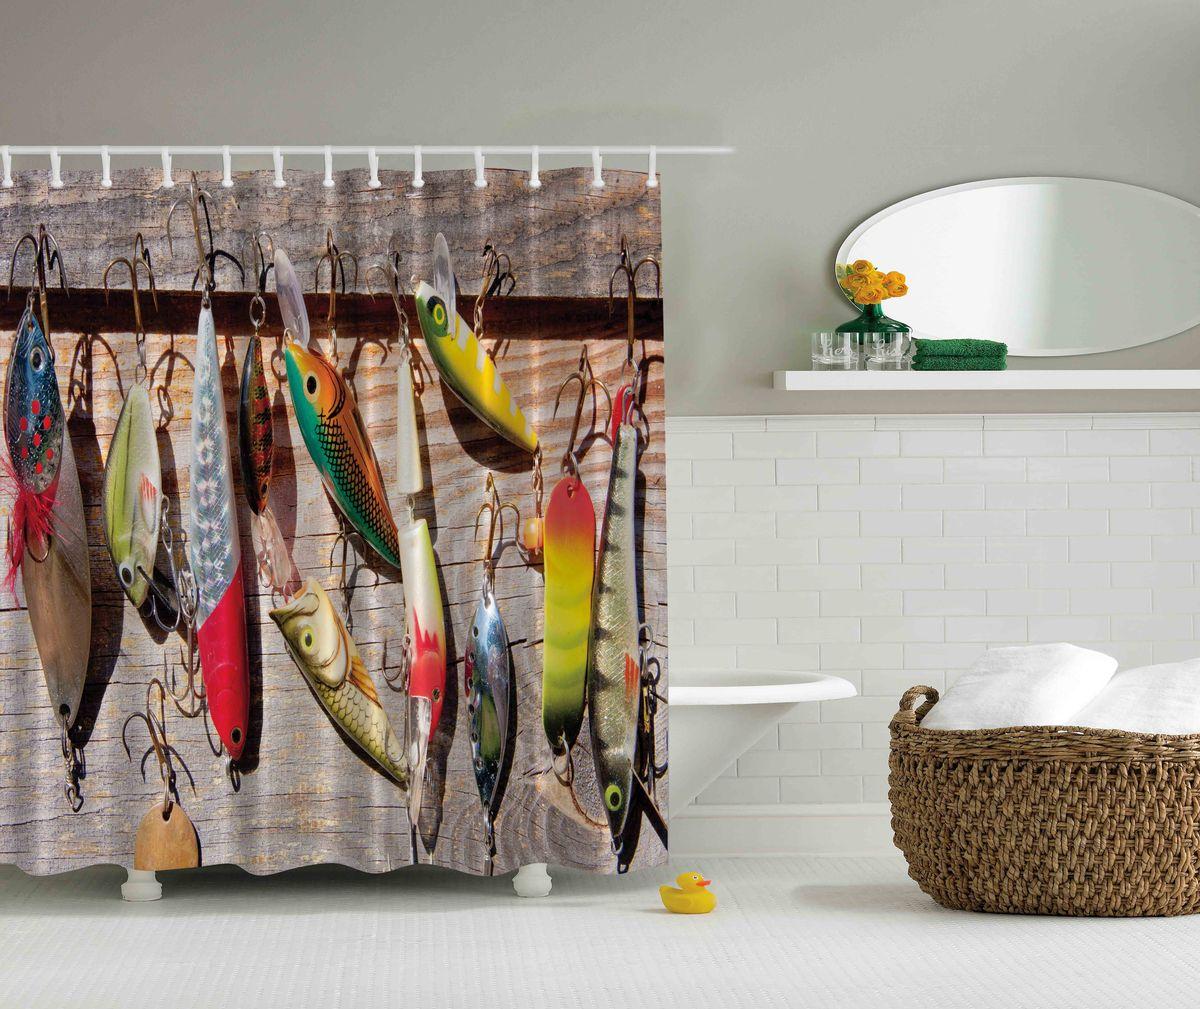 Штора для ванной комнаты Magic Lady Разноцветные блесны, 180 х 200 смшв_4643Штора Magic Lady Разноцветные блесны, изготовленная из высококачественного сатена (полиэстер 100%), отлично дополнит любой интерьер ванной комнаты. При изготовлении используются специальные гипоаллергенные чернила для прямой печати по ткани, безопасные для человека.В комплекте: 1 штора, 12 крючков. Обращаем ваше внимание, фактический цвет изделия может незначительно отличаться от представленного на фото.